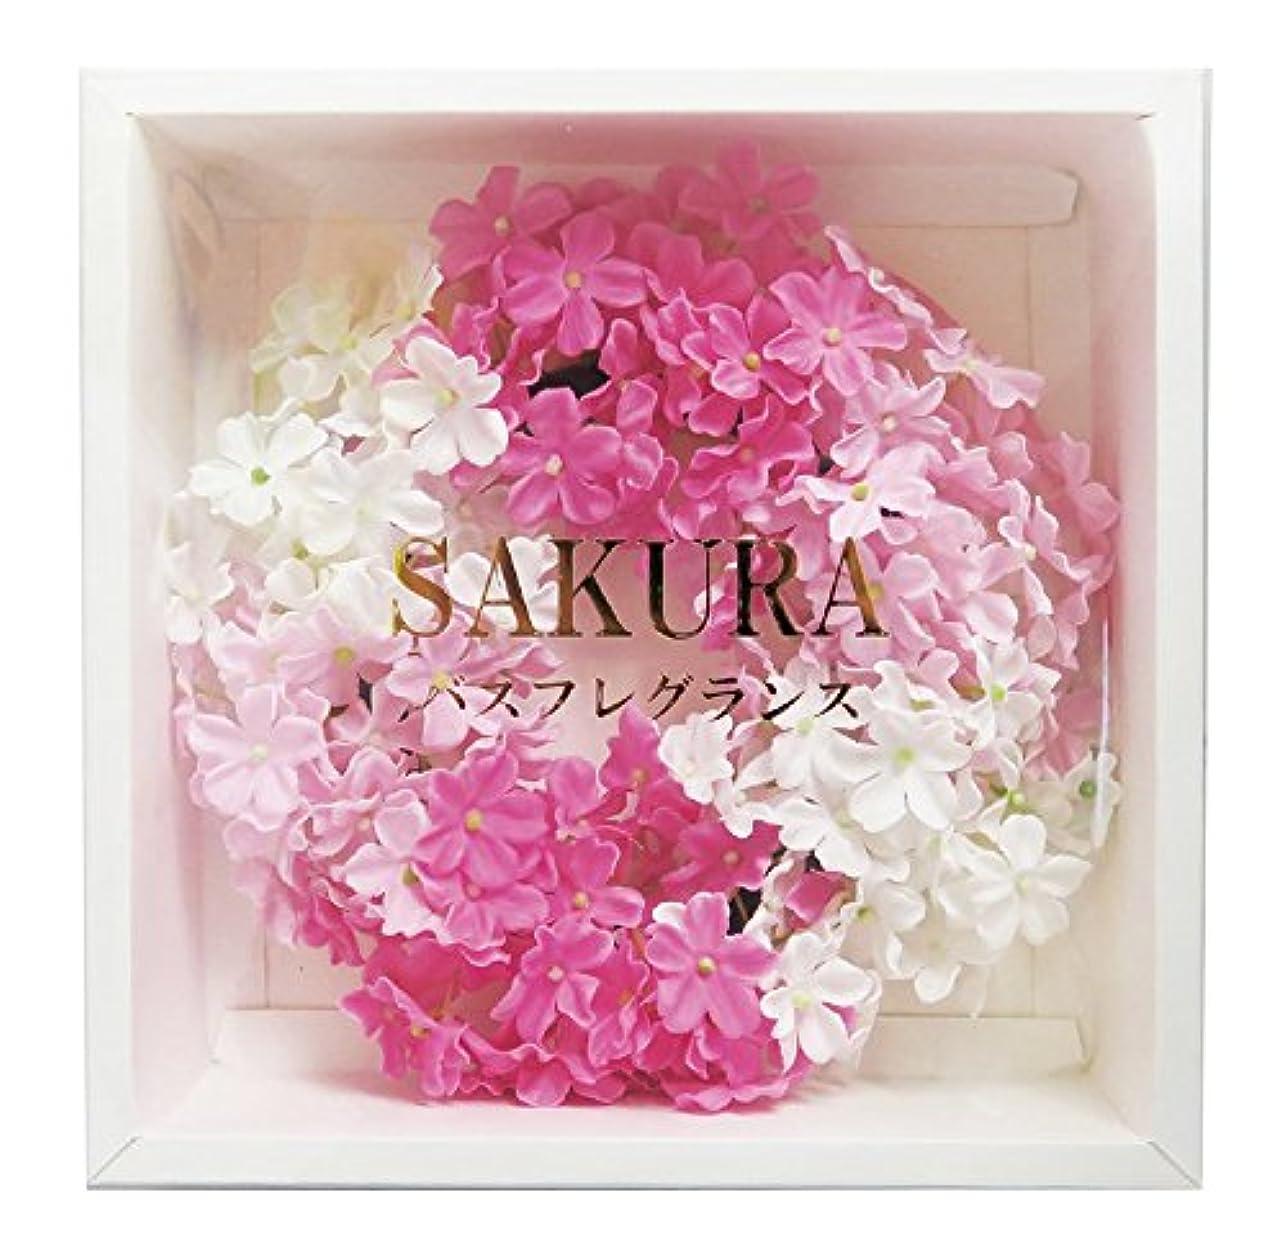 ジャグリングゲートウェイおびえた花のカタチの入浴料! バスフレグランス SAKURA サクラ リース